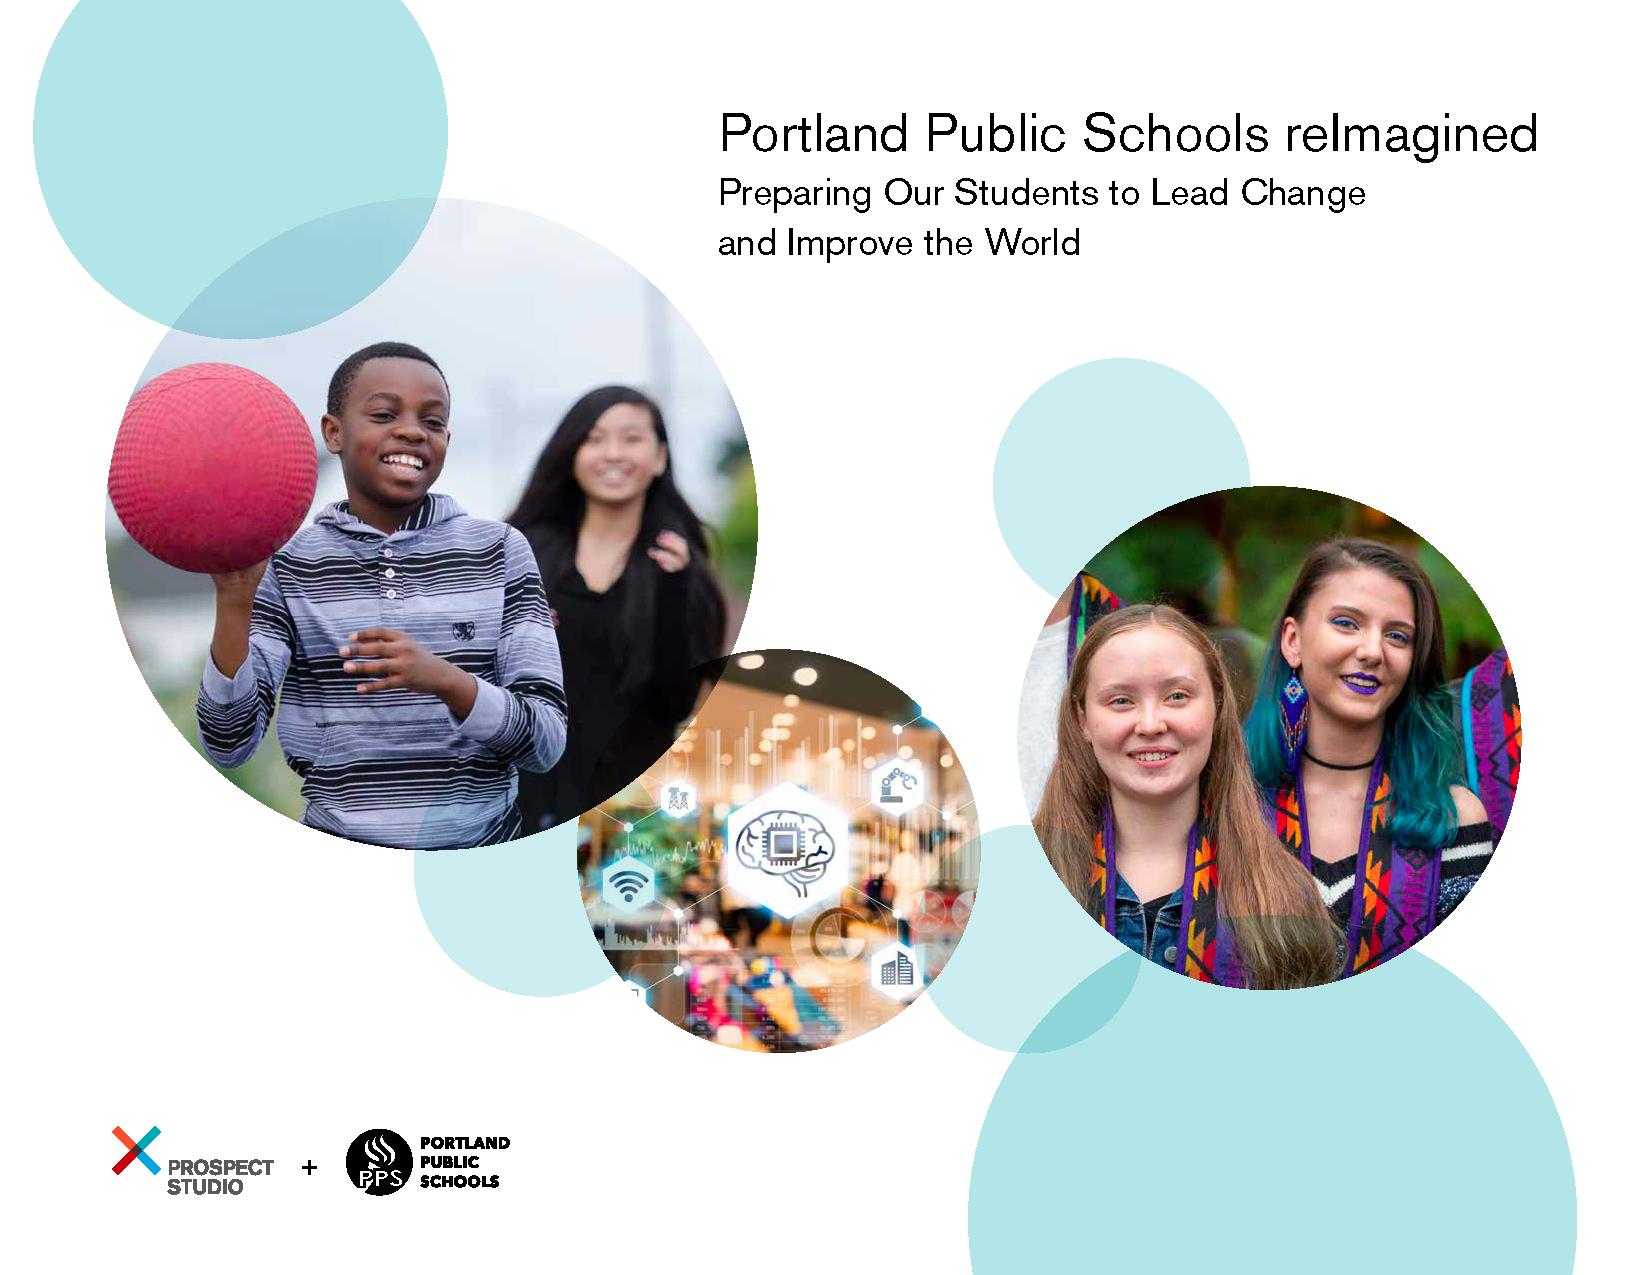 Portland Public Schools Vision